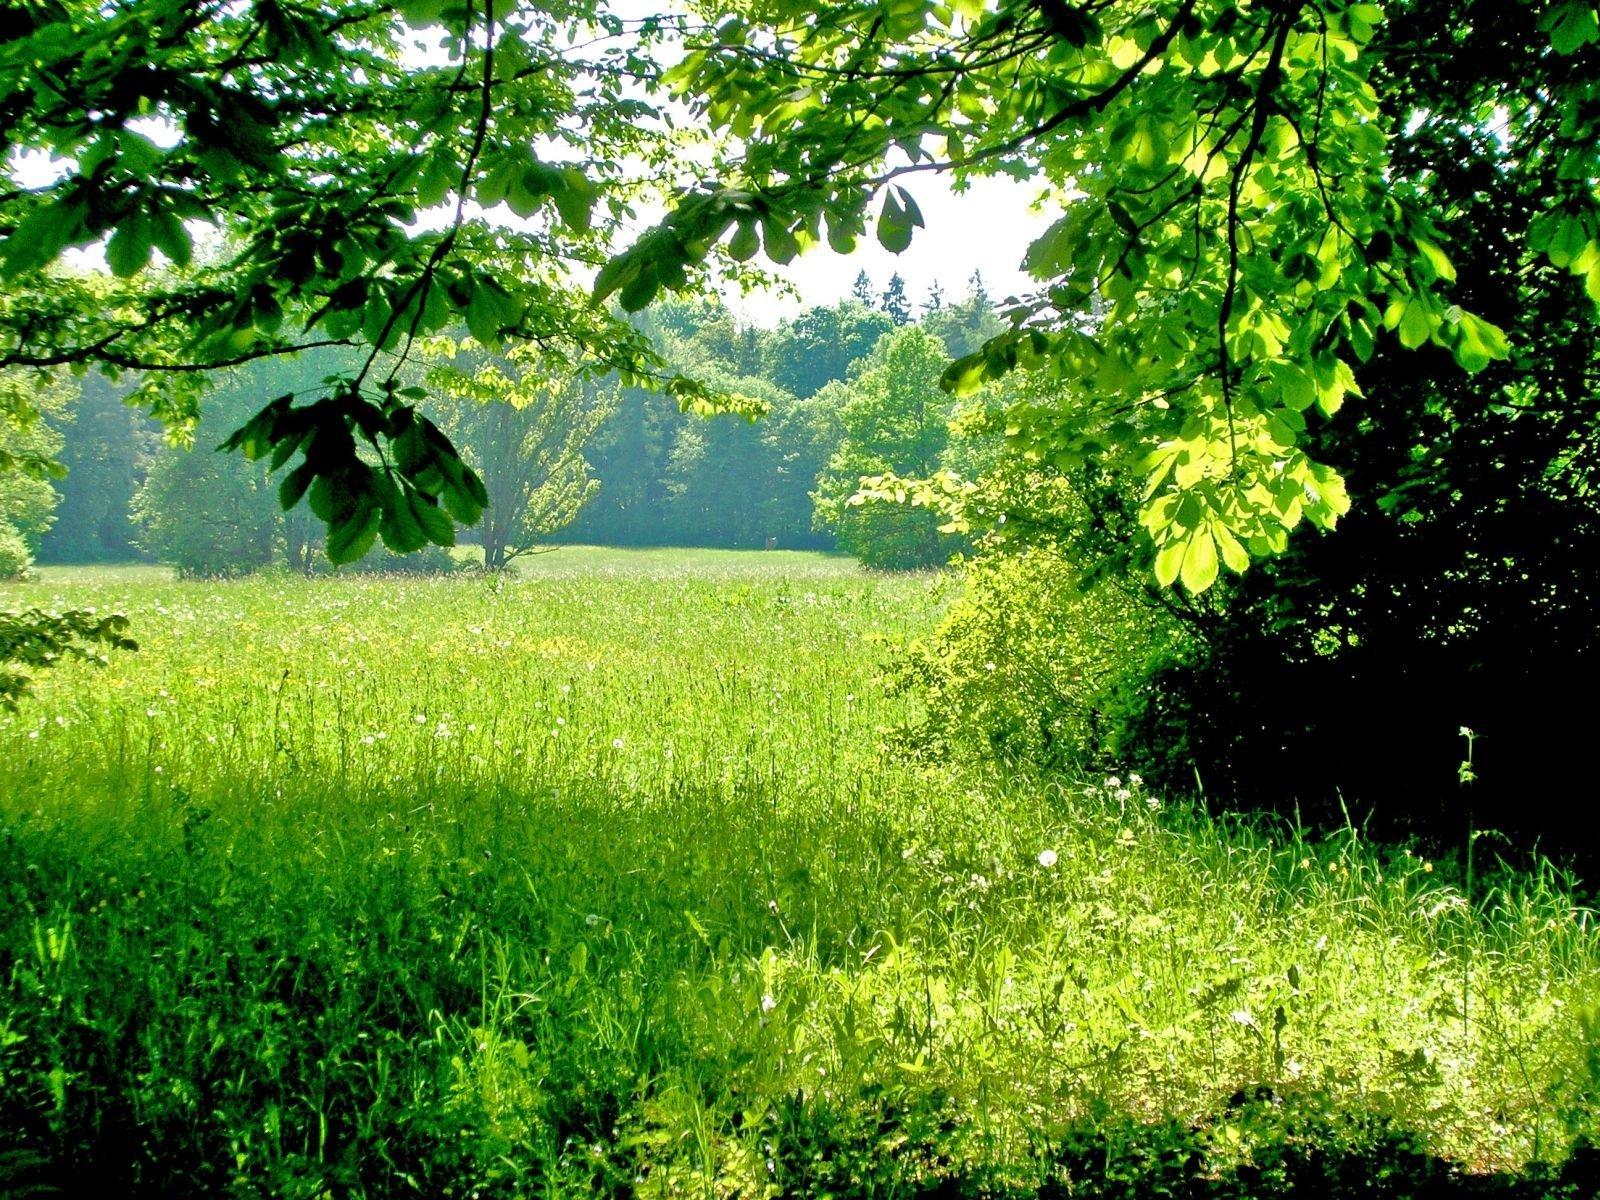 всех удобств на зеленой полянке фото ещё выложу здесь